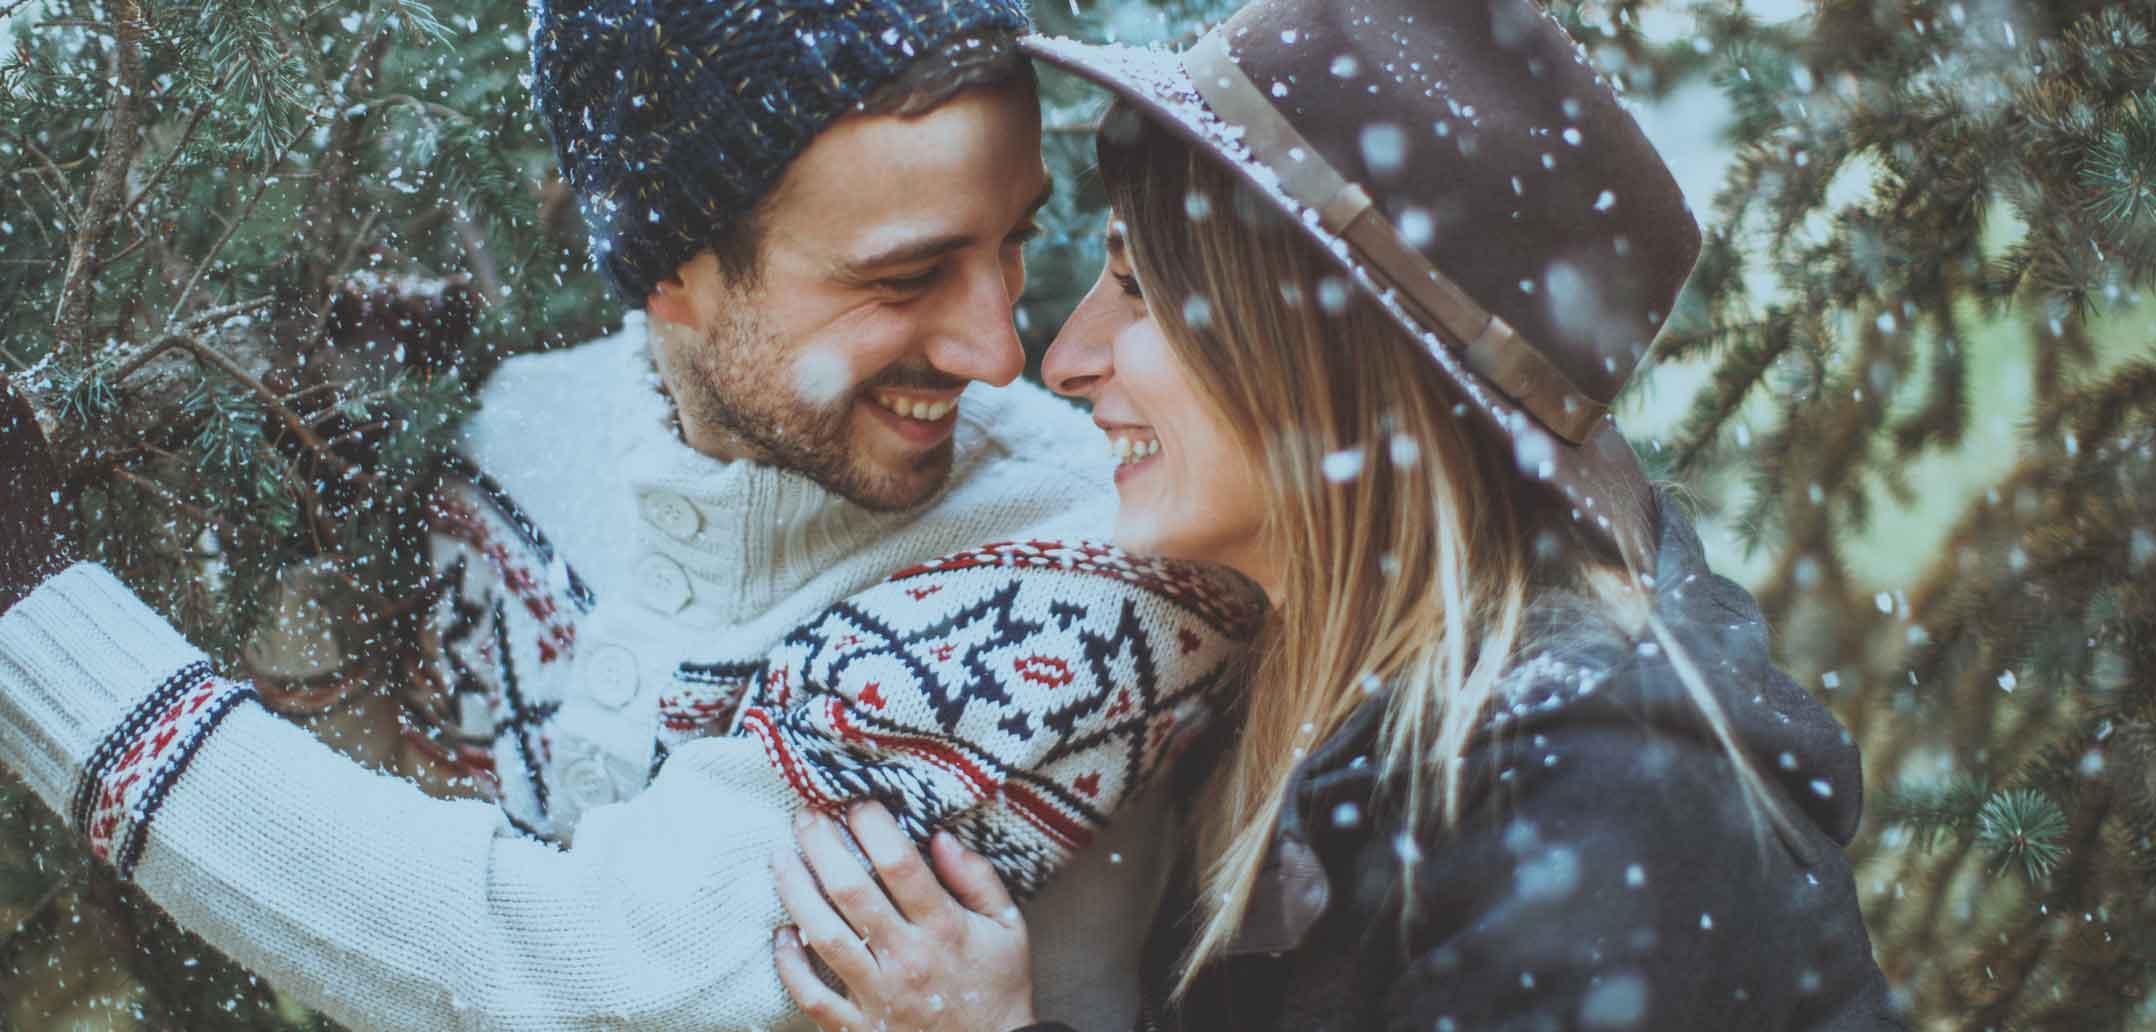 Besondere Weihnachtsgeschenke für den Partner